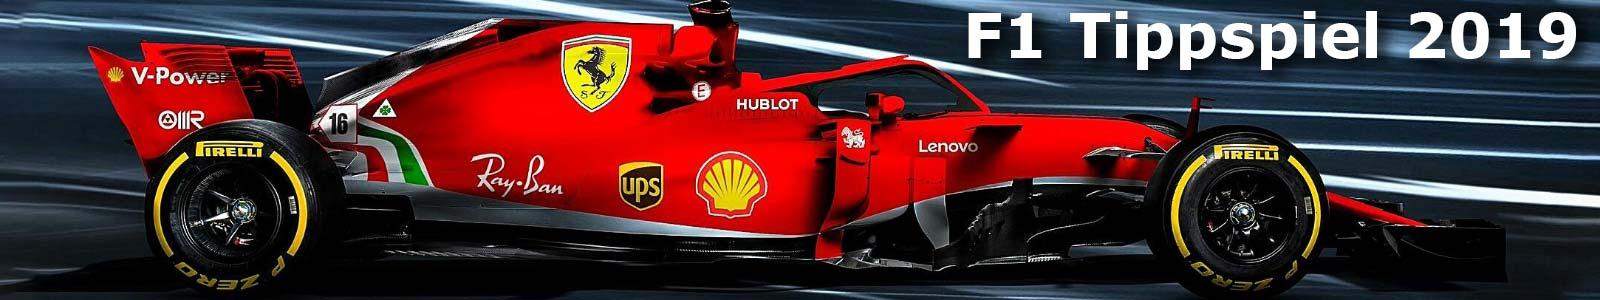 Formel 1 Tippspiel 2019